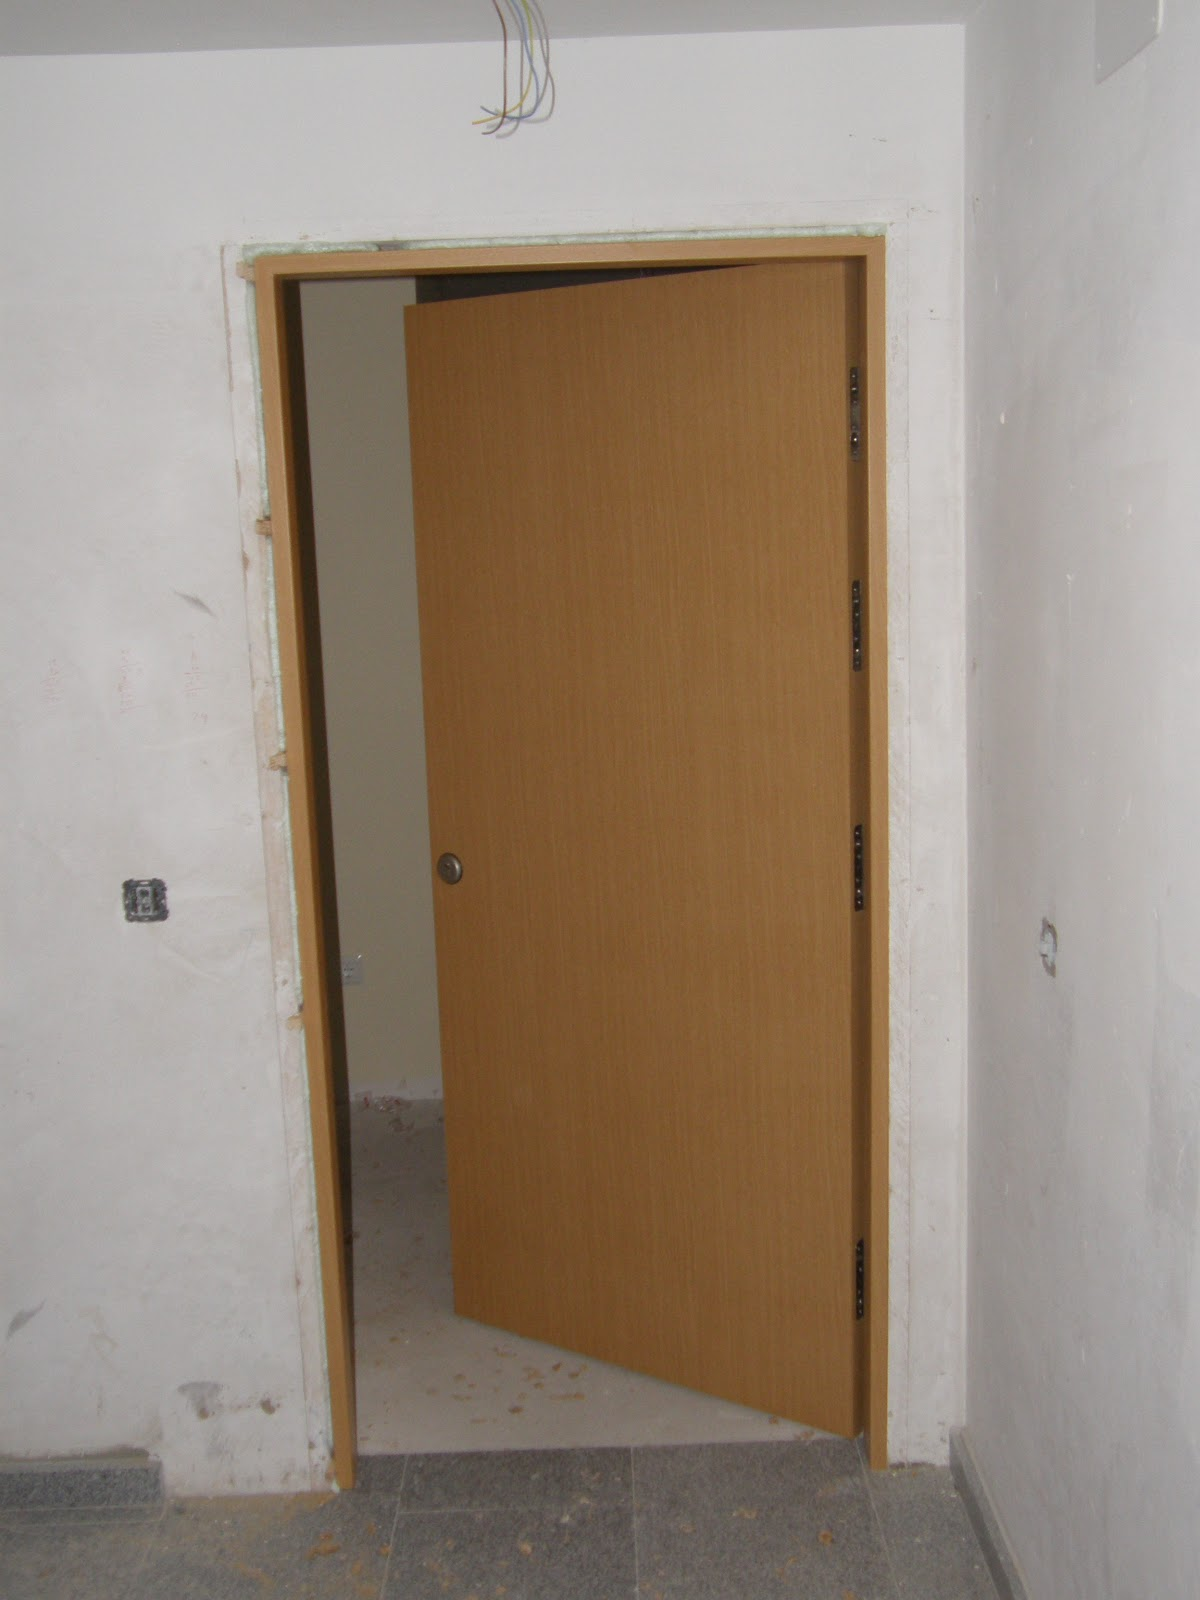 Puertas entrada vivienda for Puerta entrada vivienda